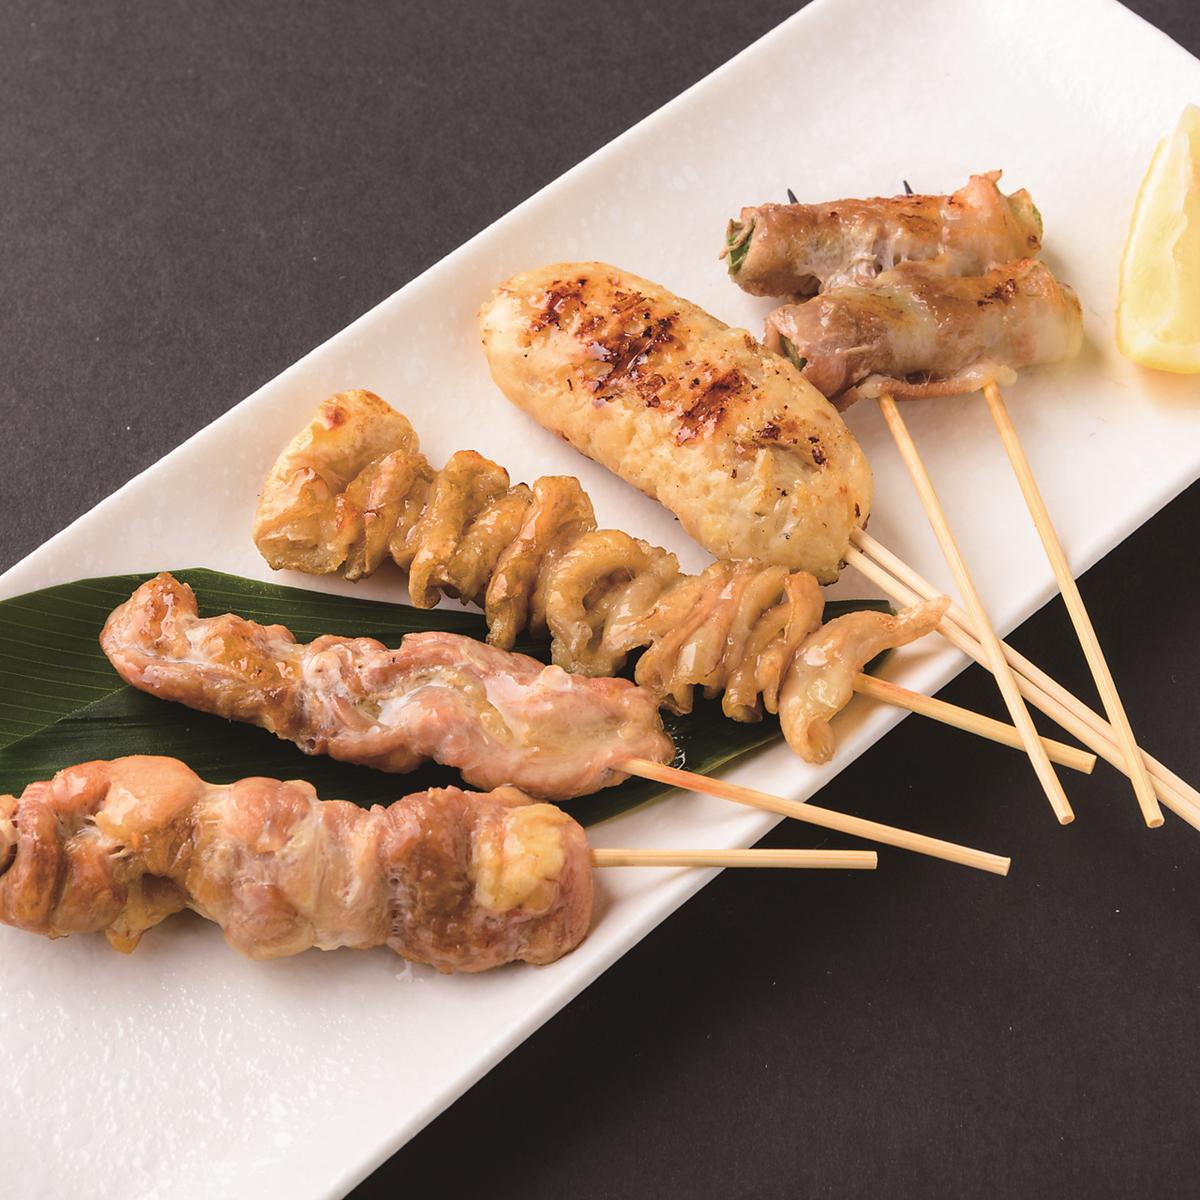 串焼き盛り合わせ~豚と鶏のお任せ~ 5本 塩・たれ